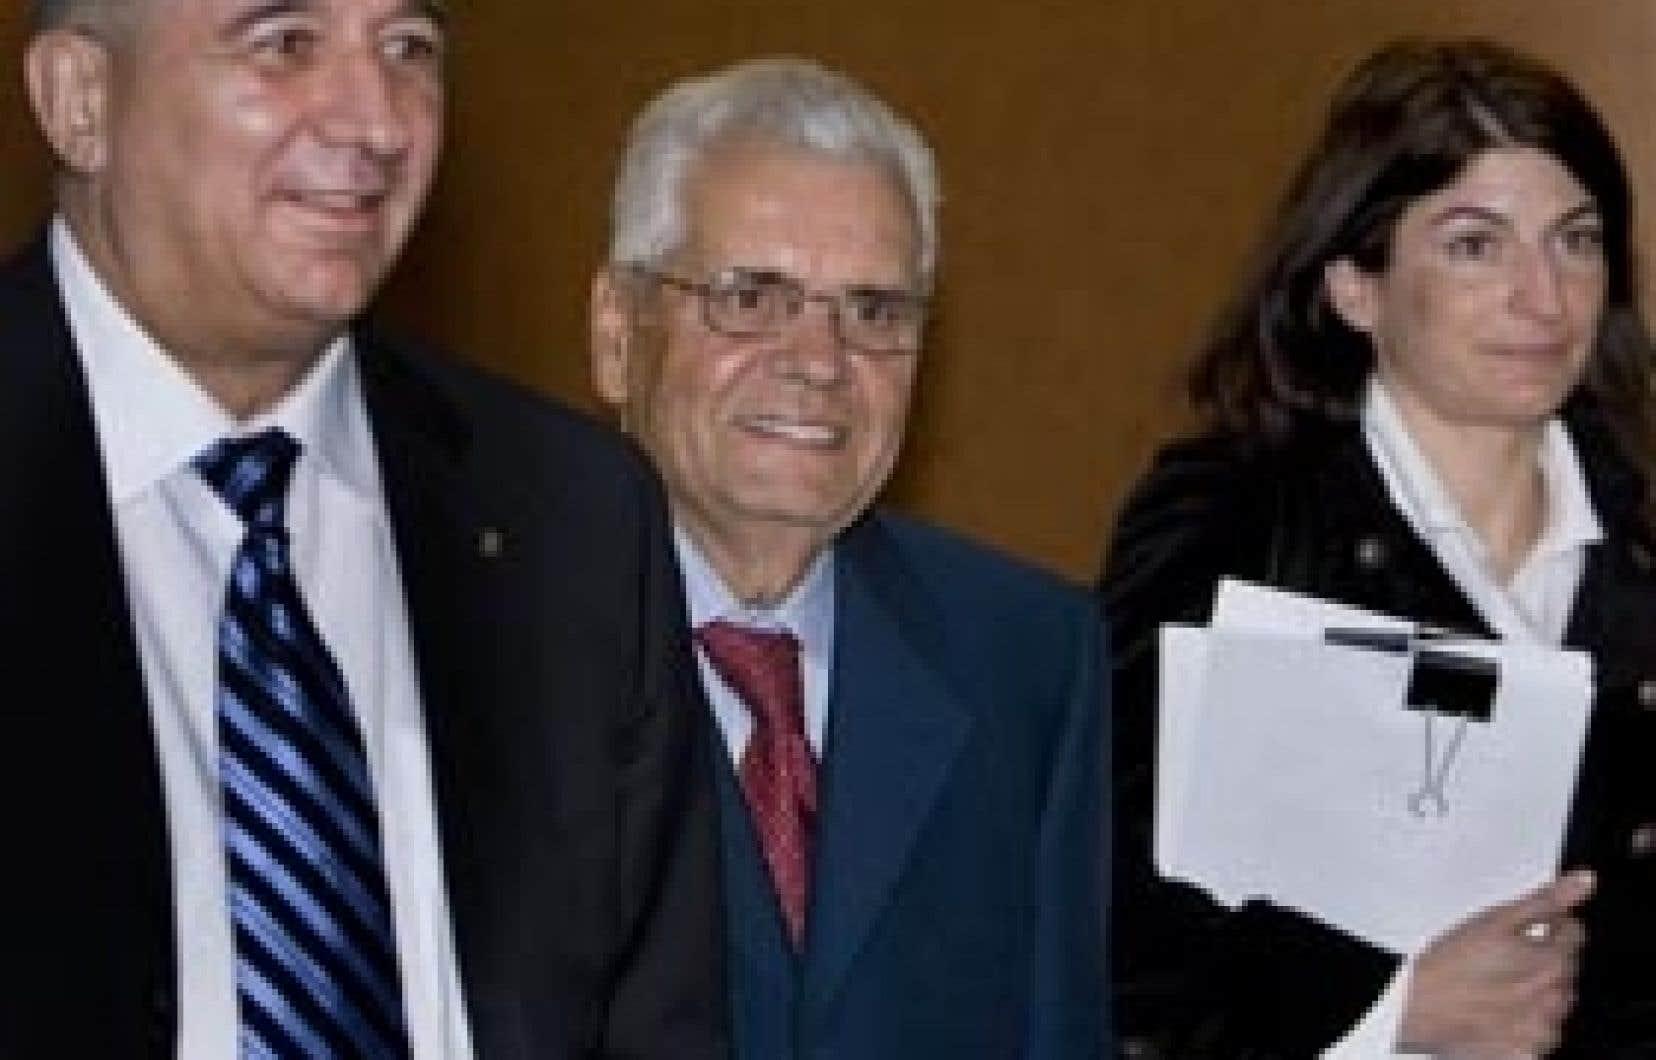 Alfonso Gagliano, au centre, réclame 8,5 millions du gouvernement fédéral à la suite de son renvoi comme ambassadeur au Danemark.